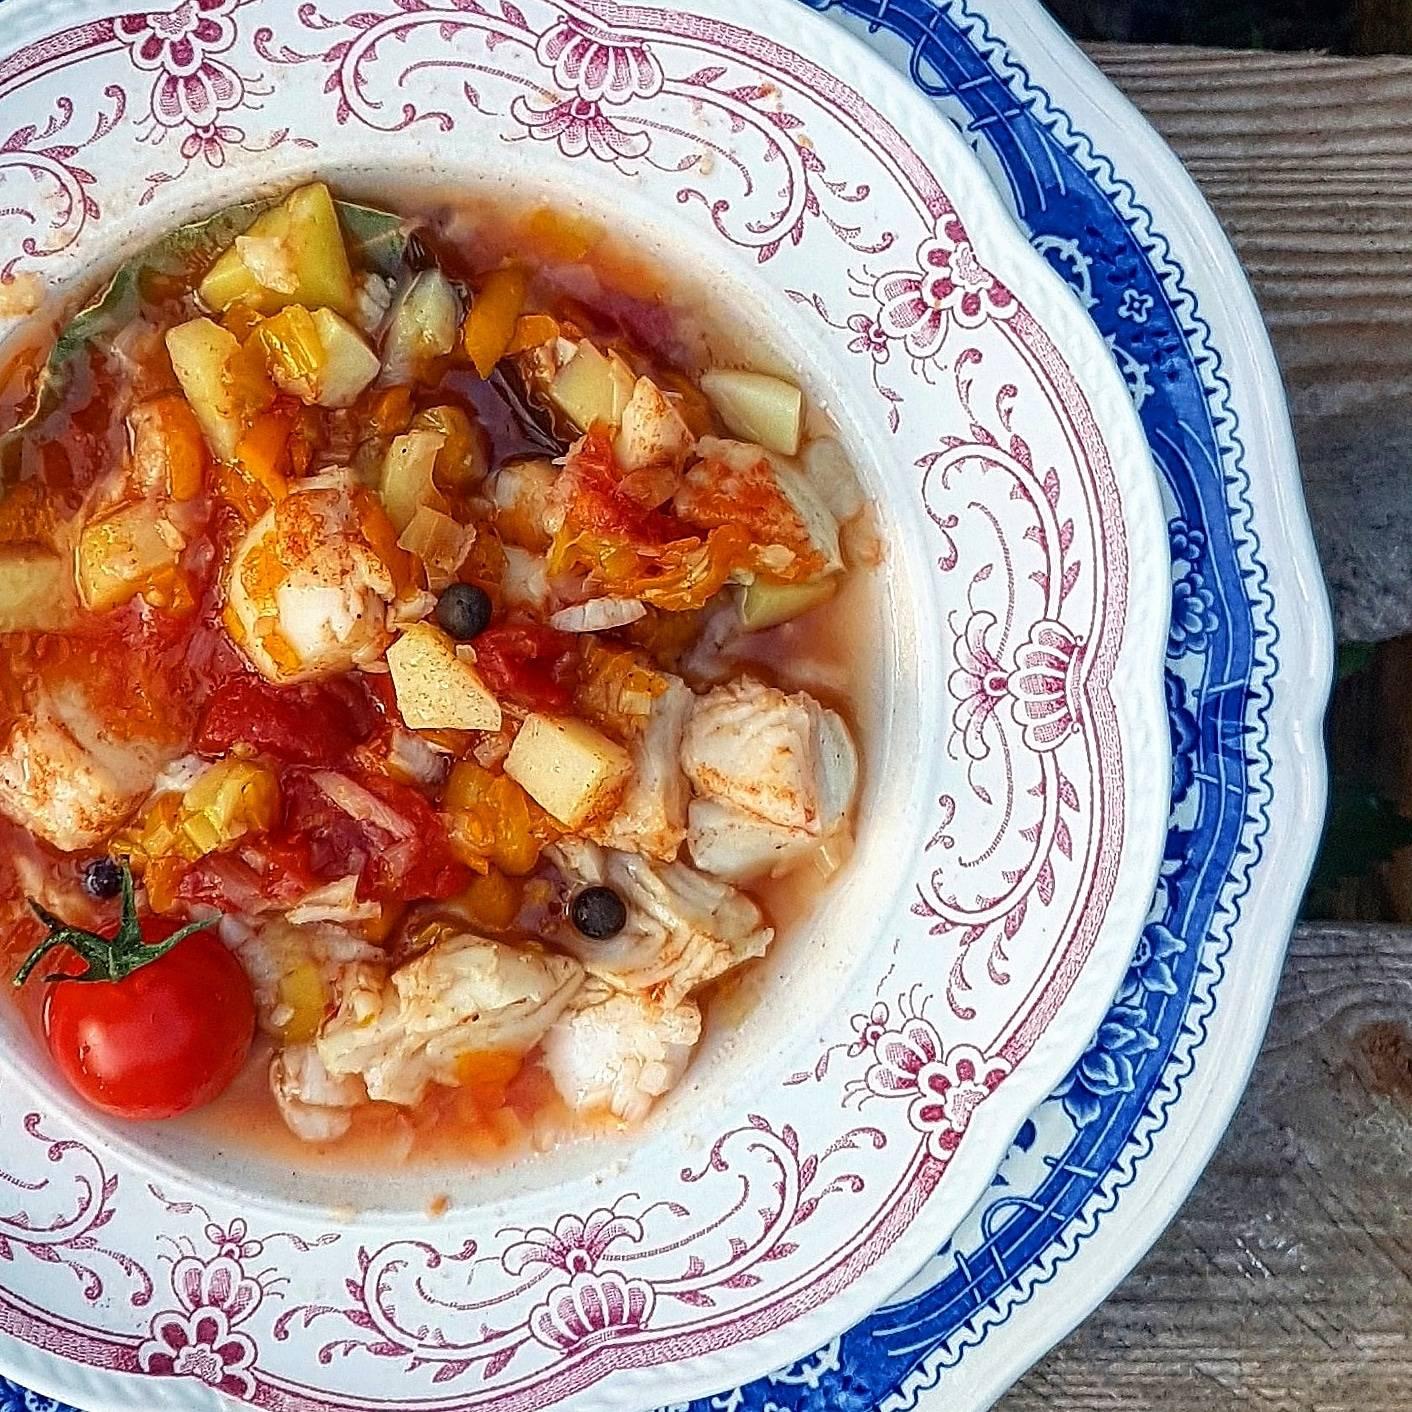 Rozgrzewająca zupa rybna z pomidorami - przepis Agnieszki Żelazko.